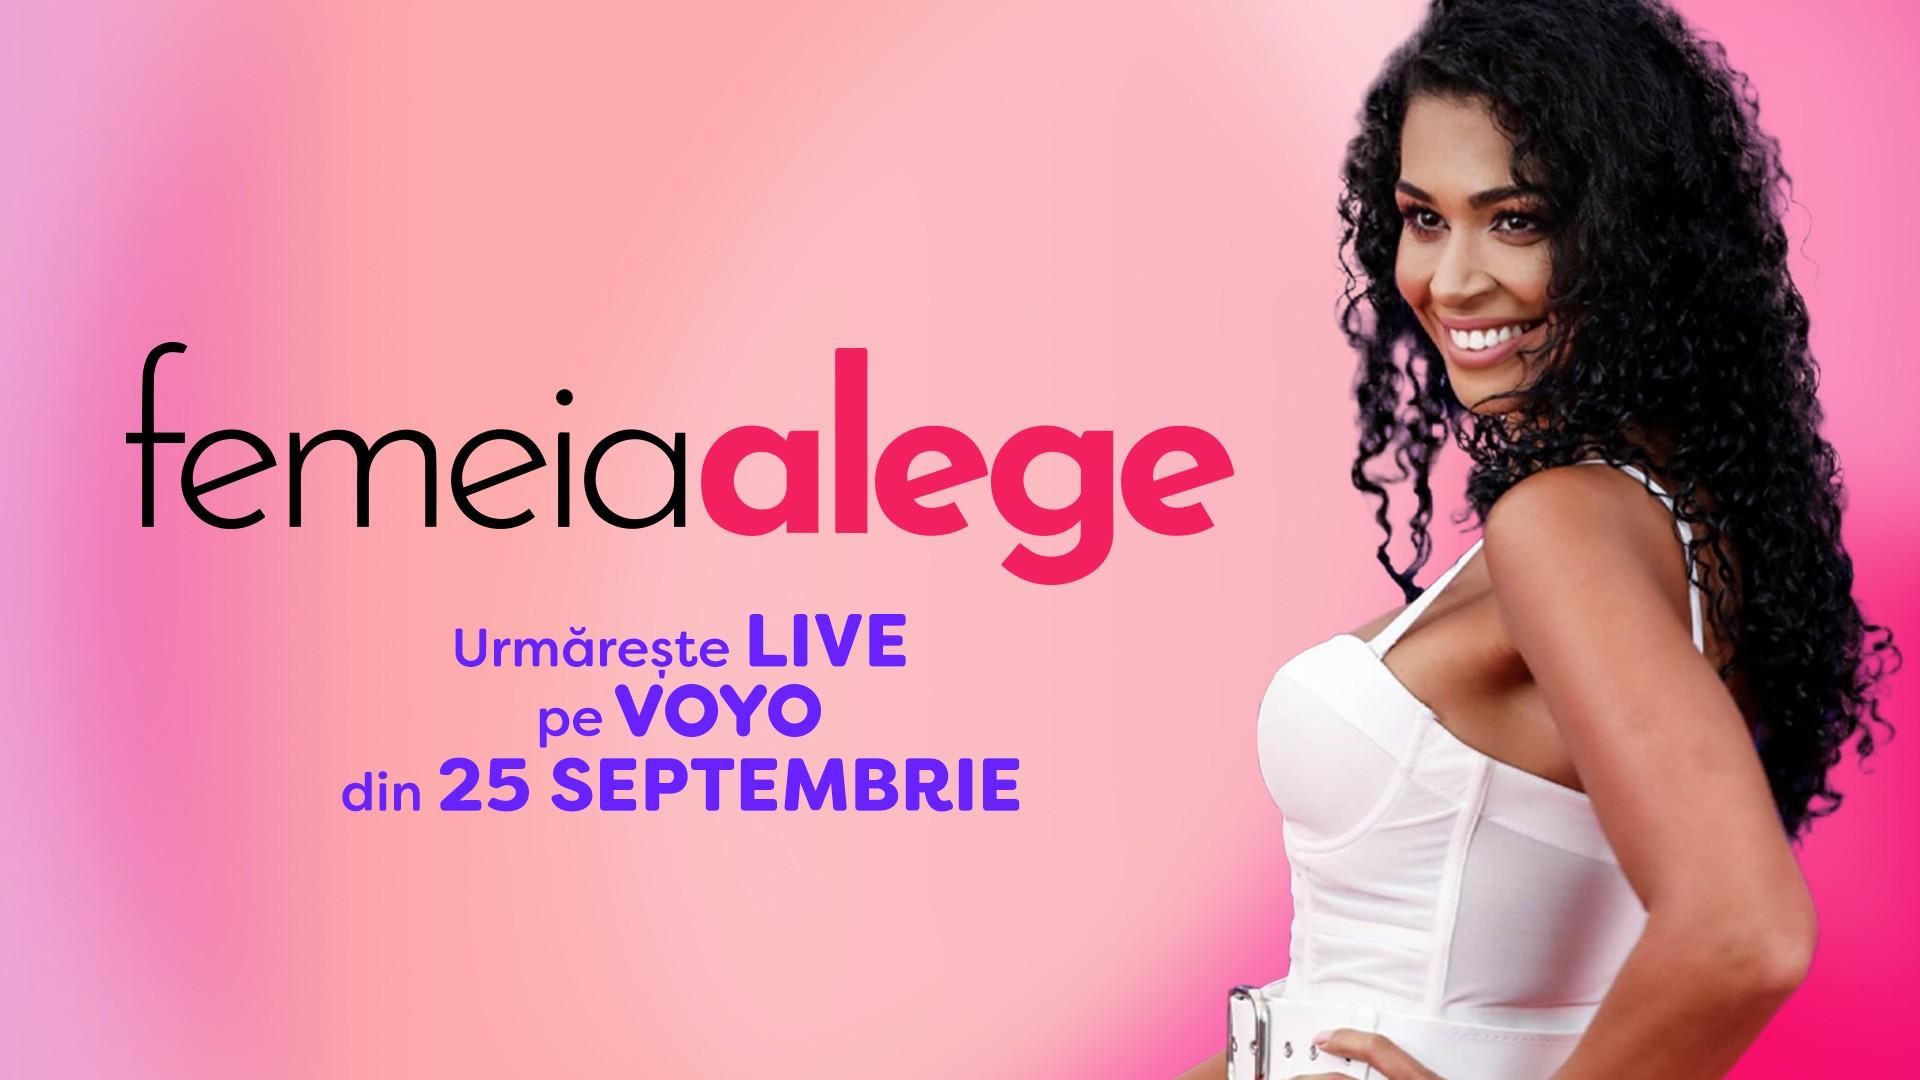 Femeia alege - live 24/24